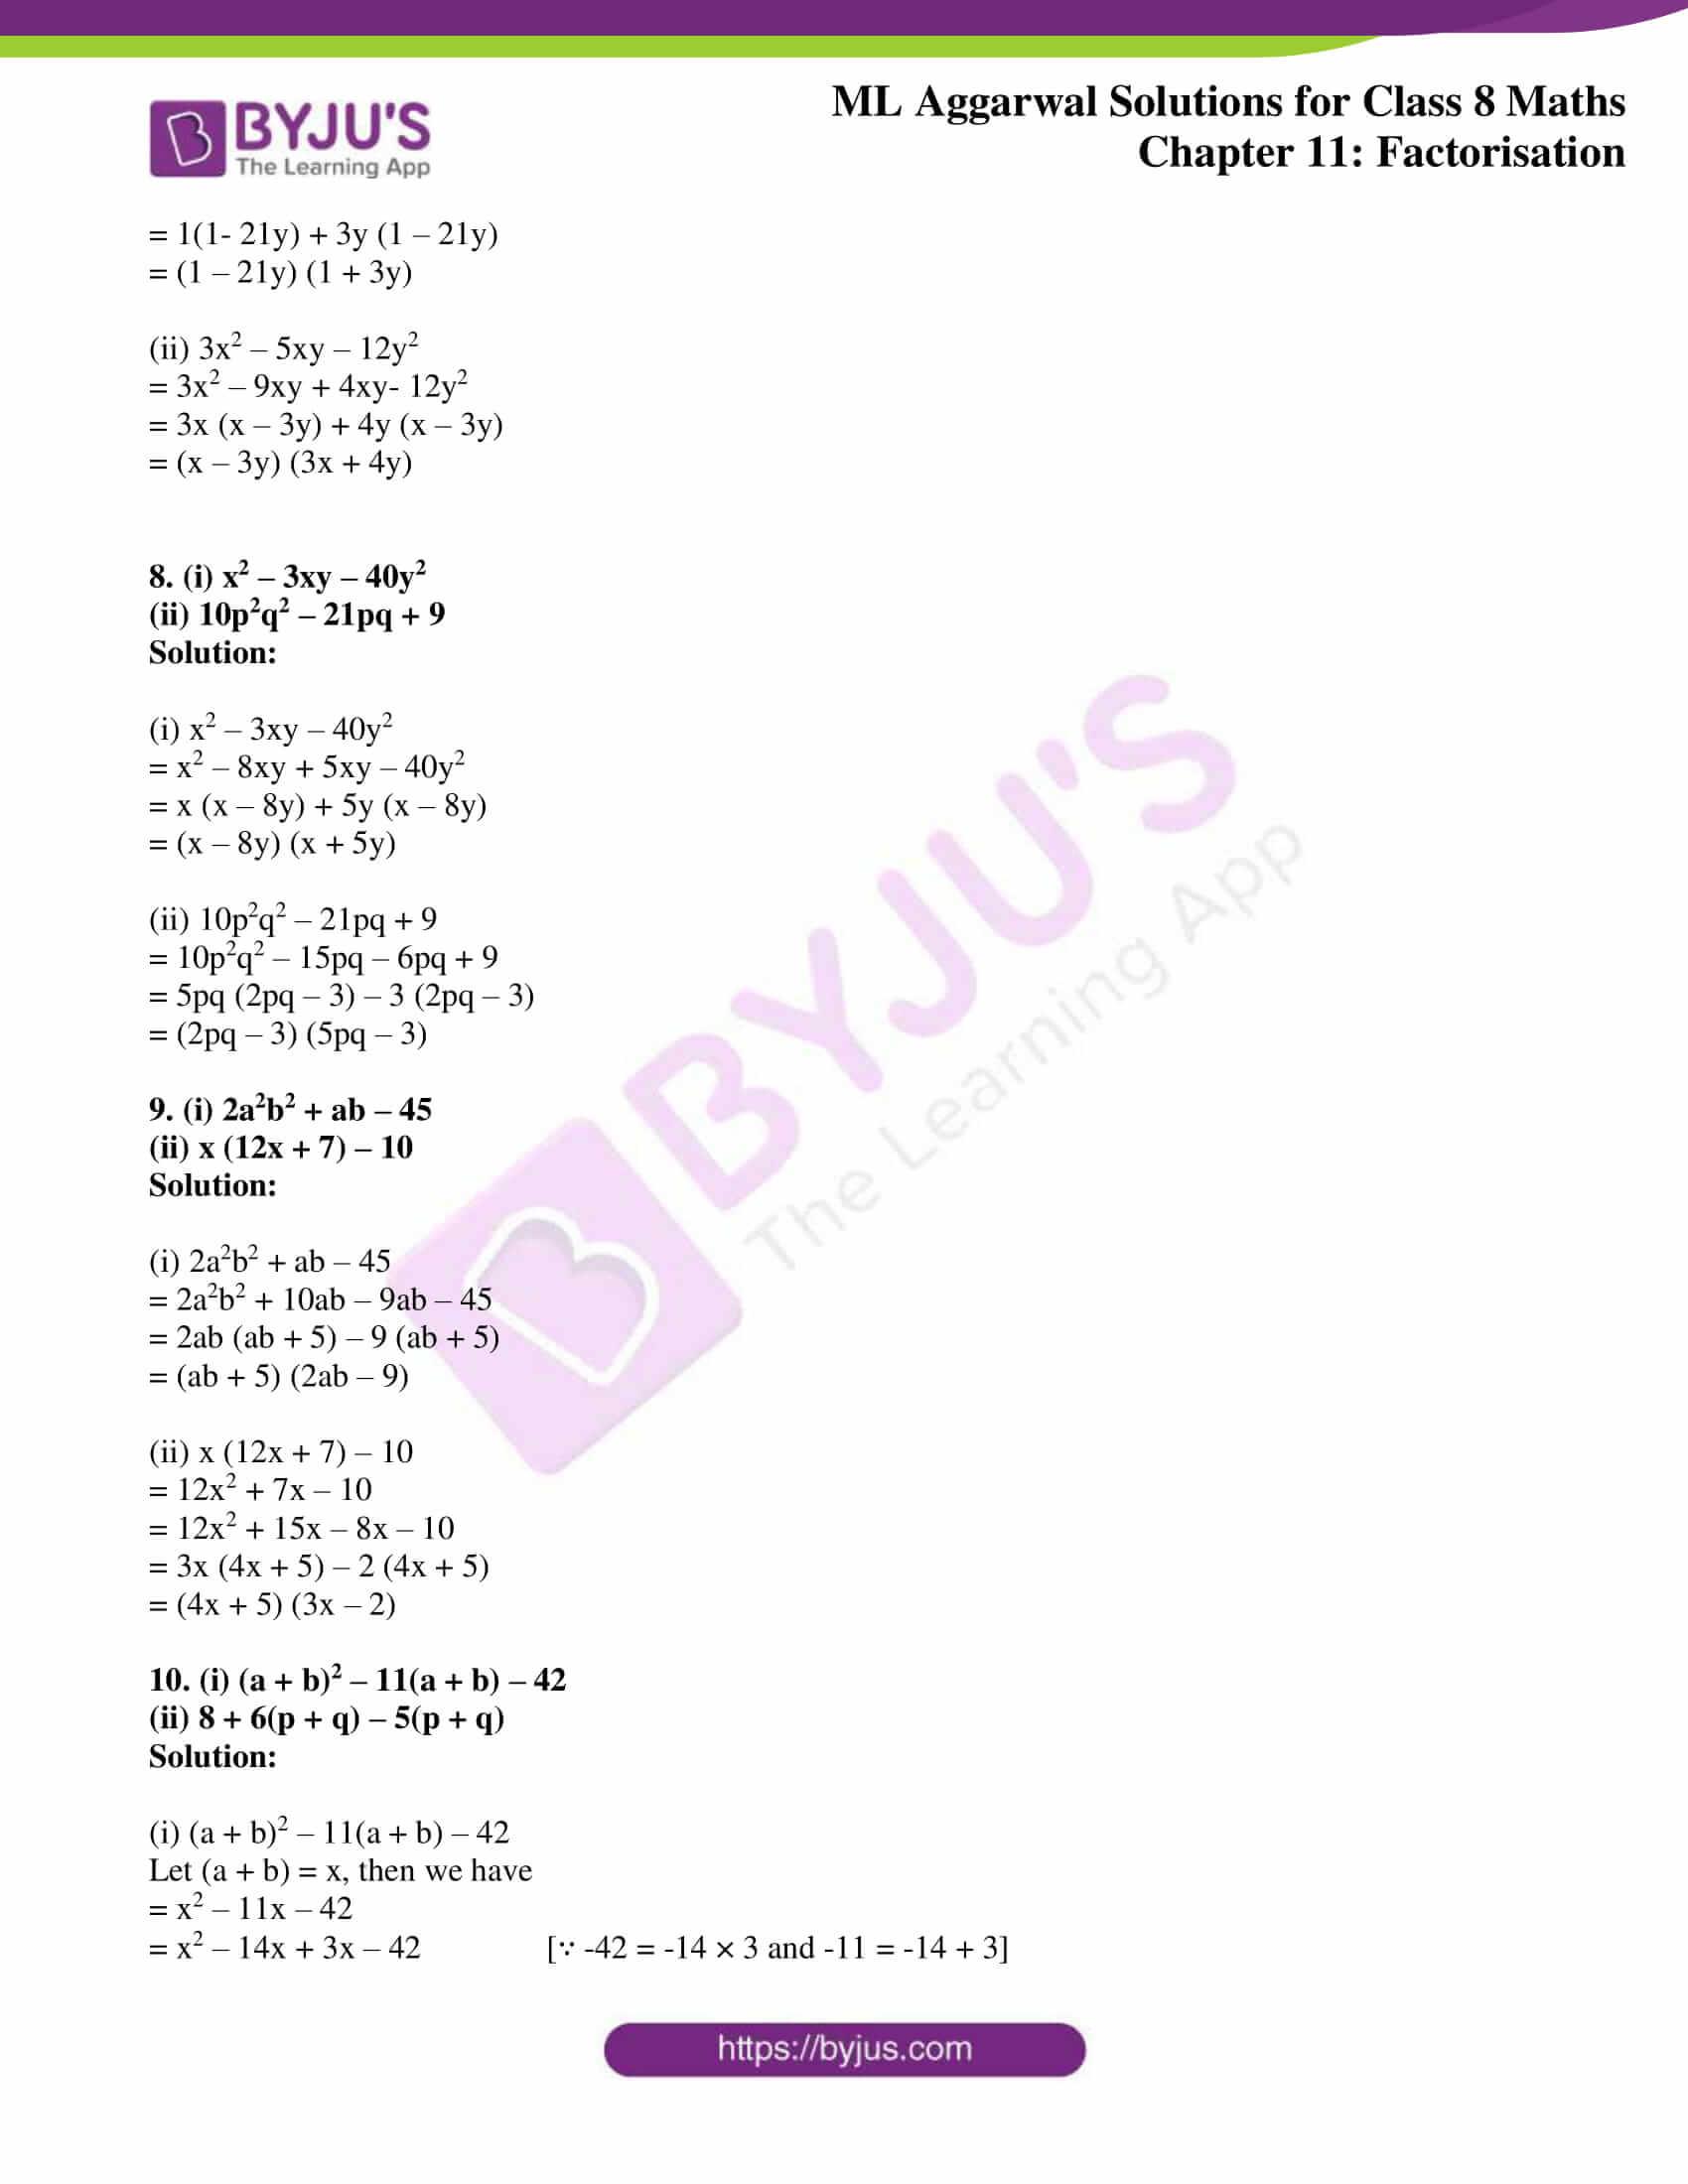 ml aggarwal sol mathematics class 8 ch 11 14